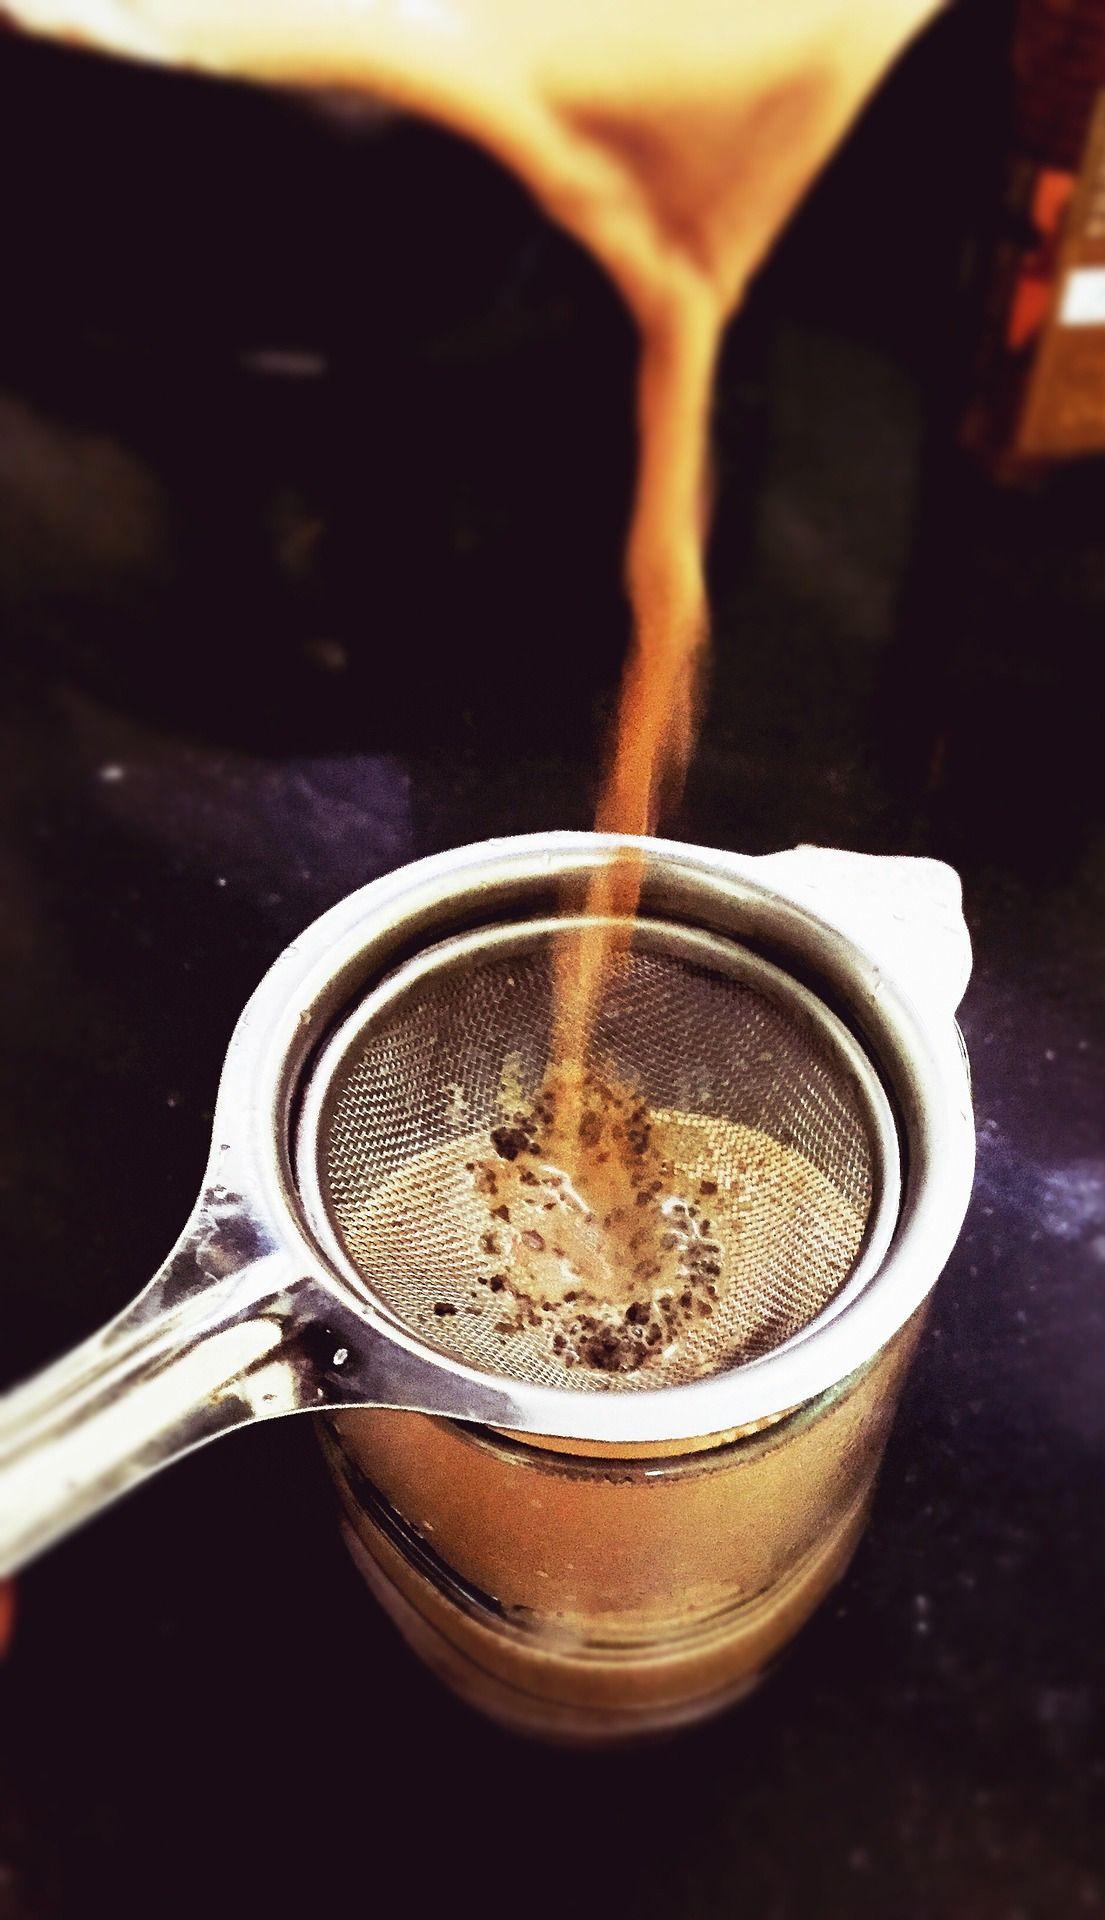 filtrando chai latte